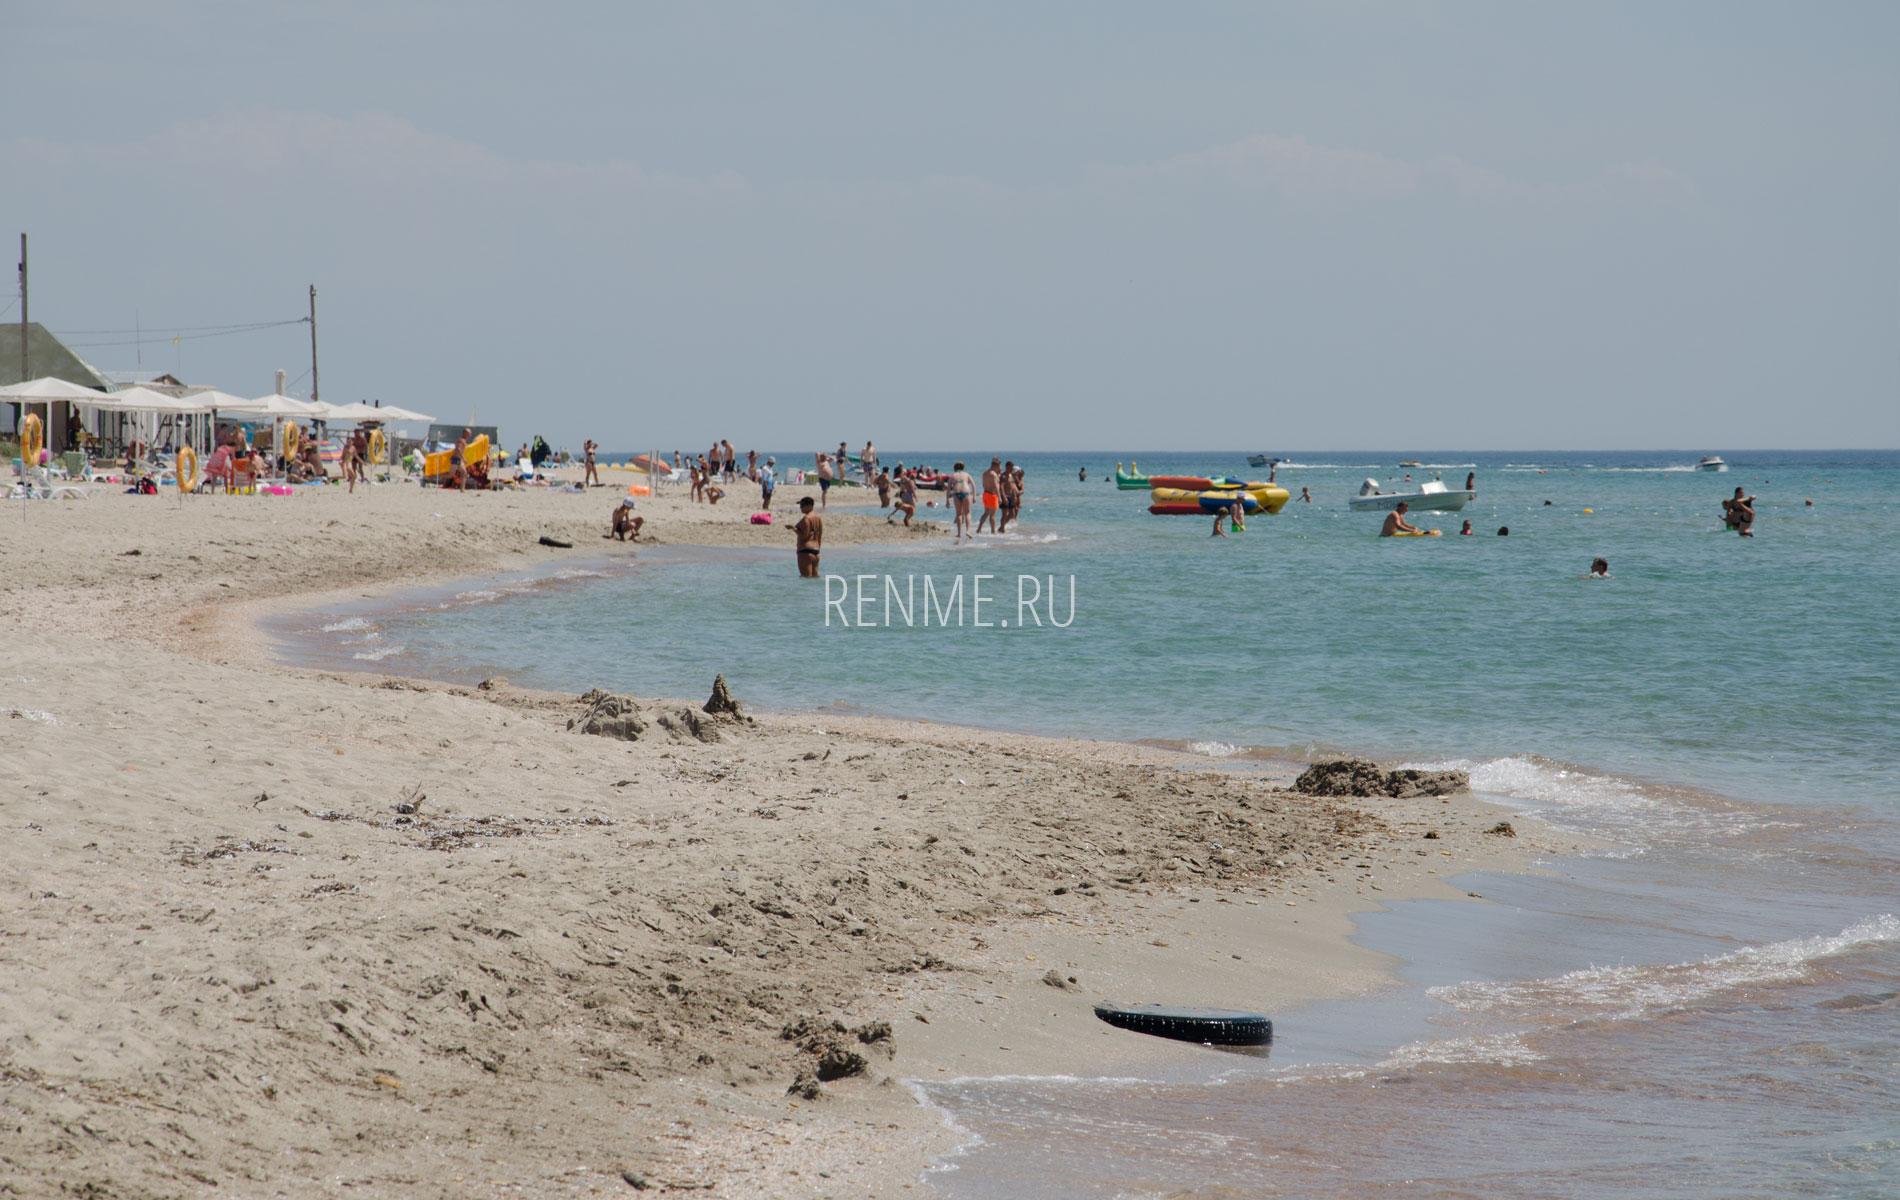 Песочный пляж в Штормовом 2019. Фото Штормового